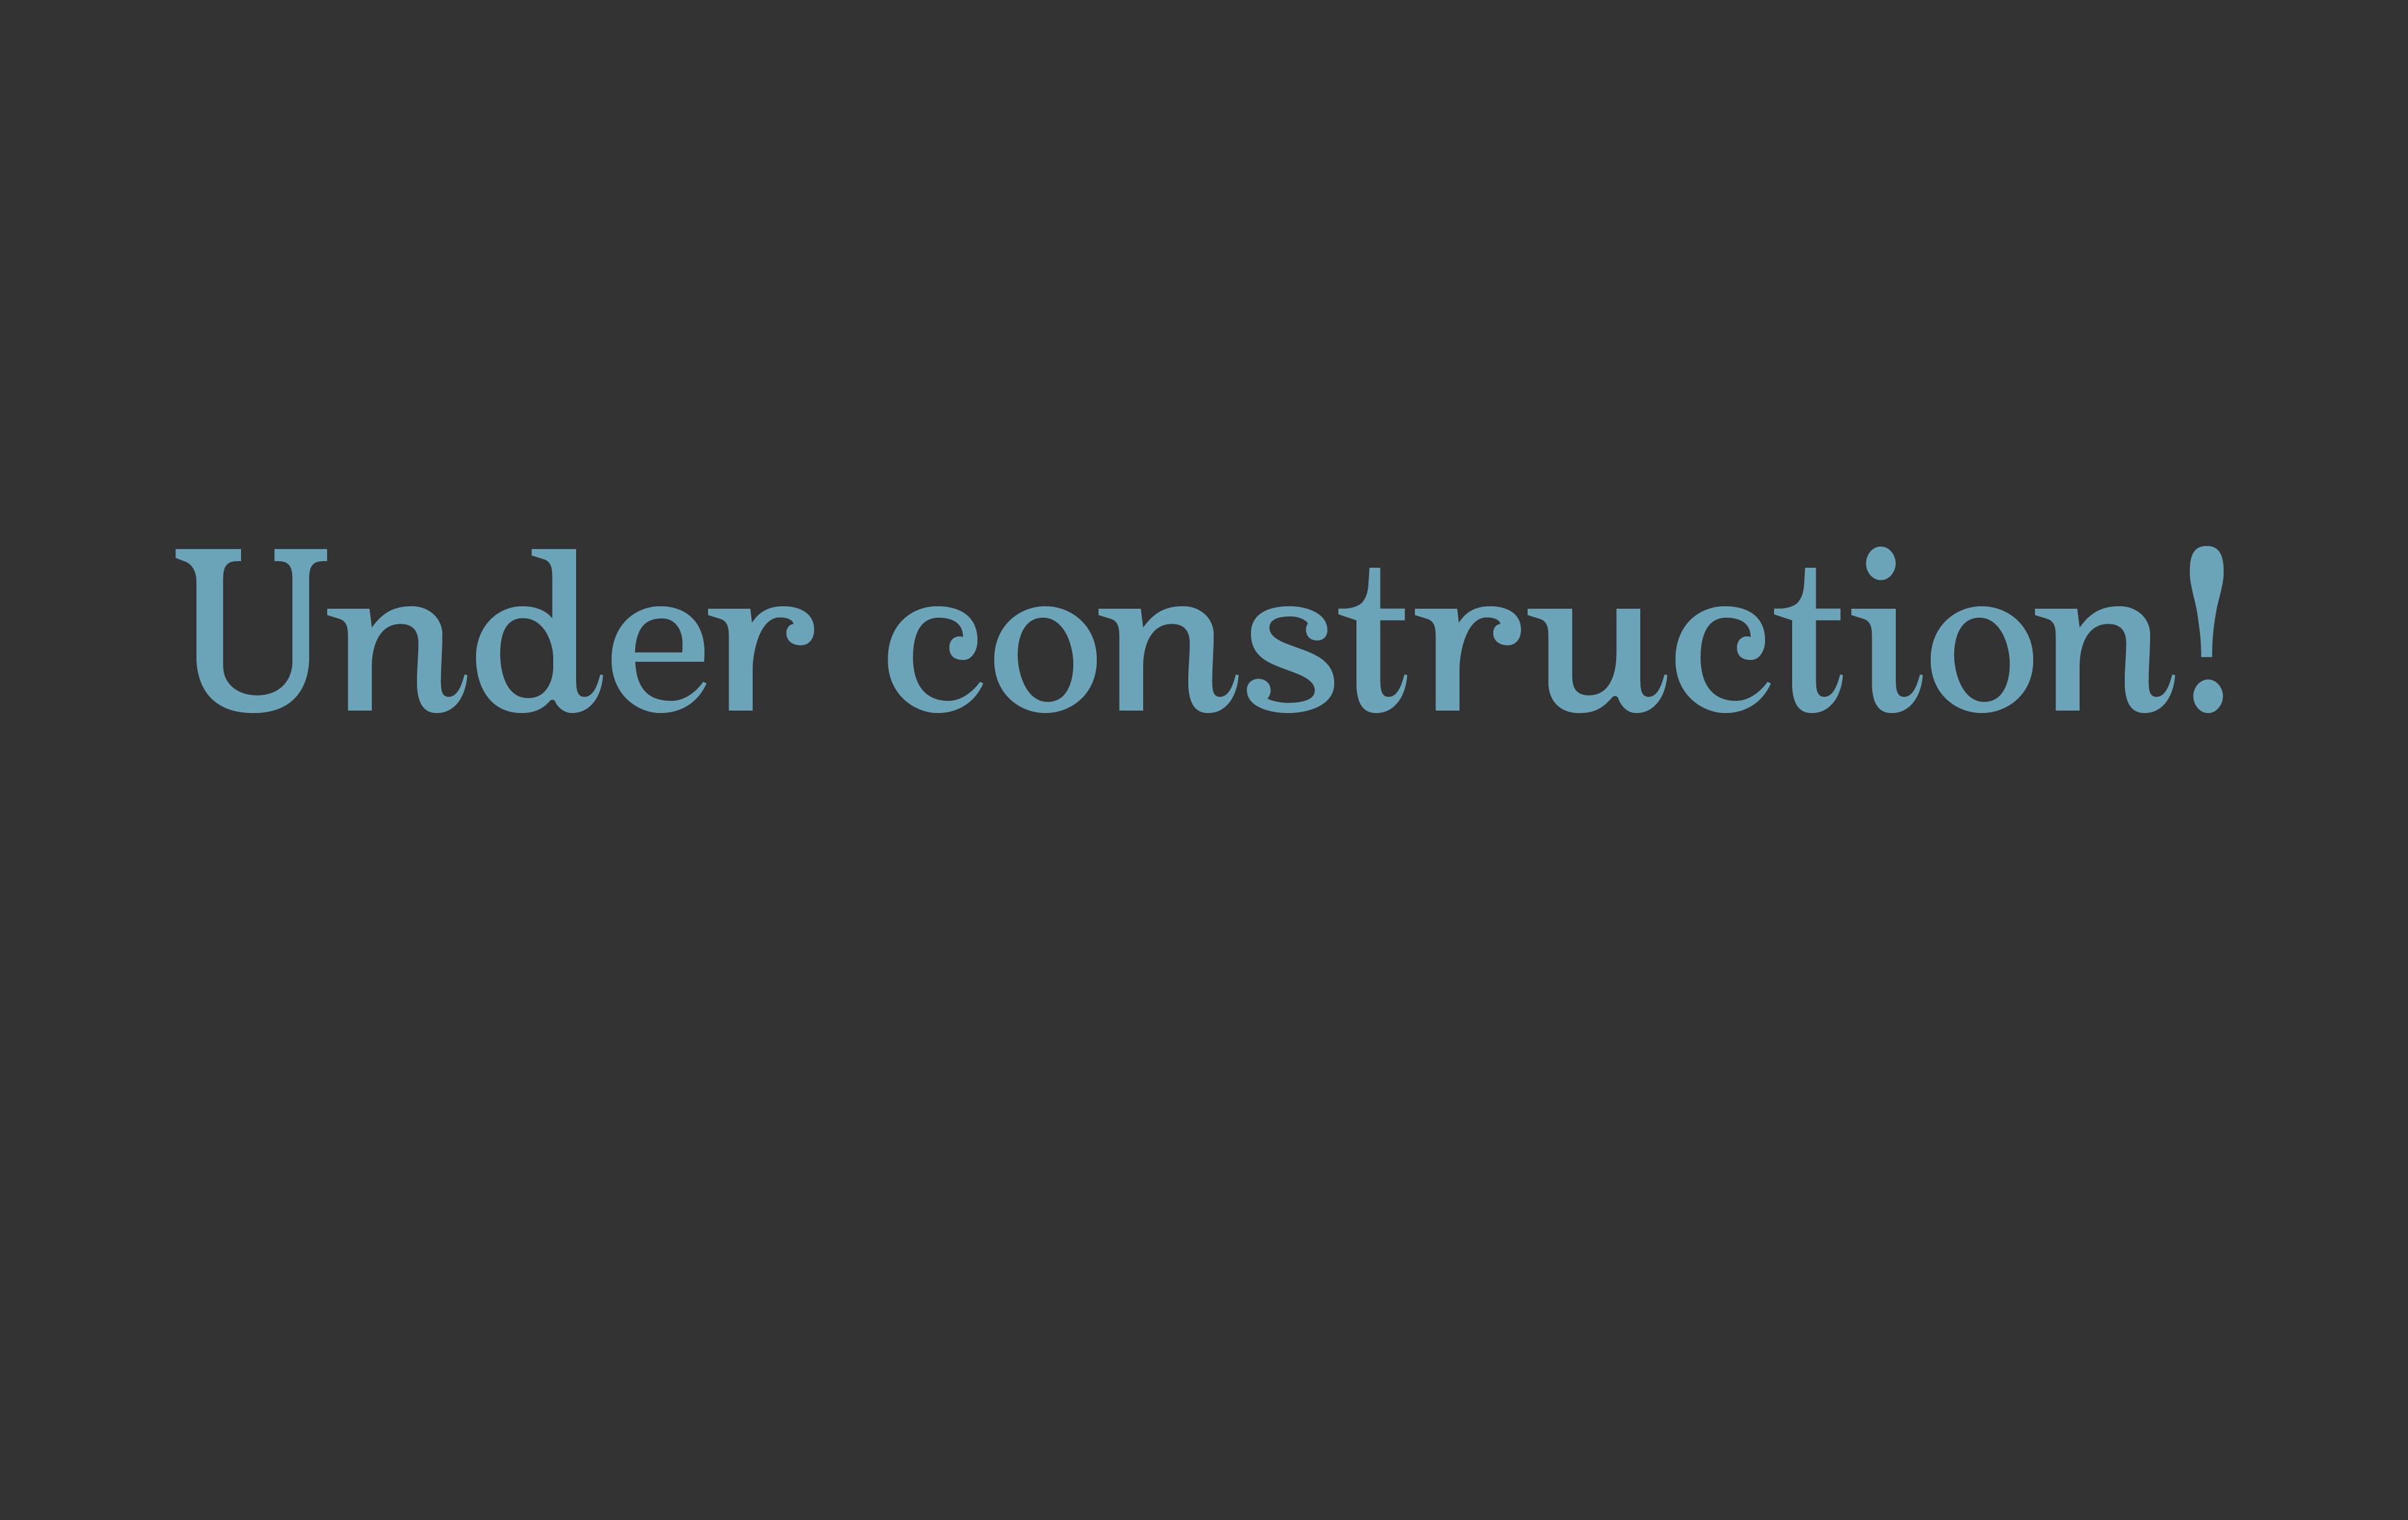 hattenbach_under construction-05